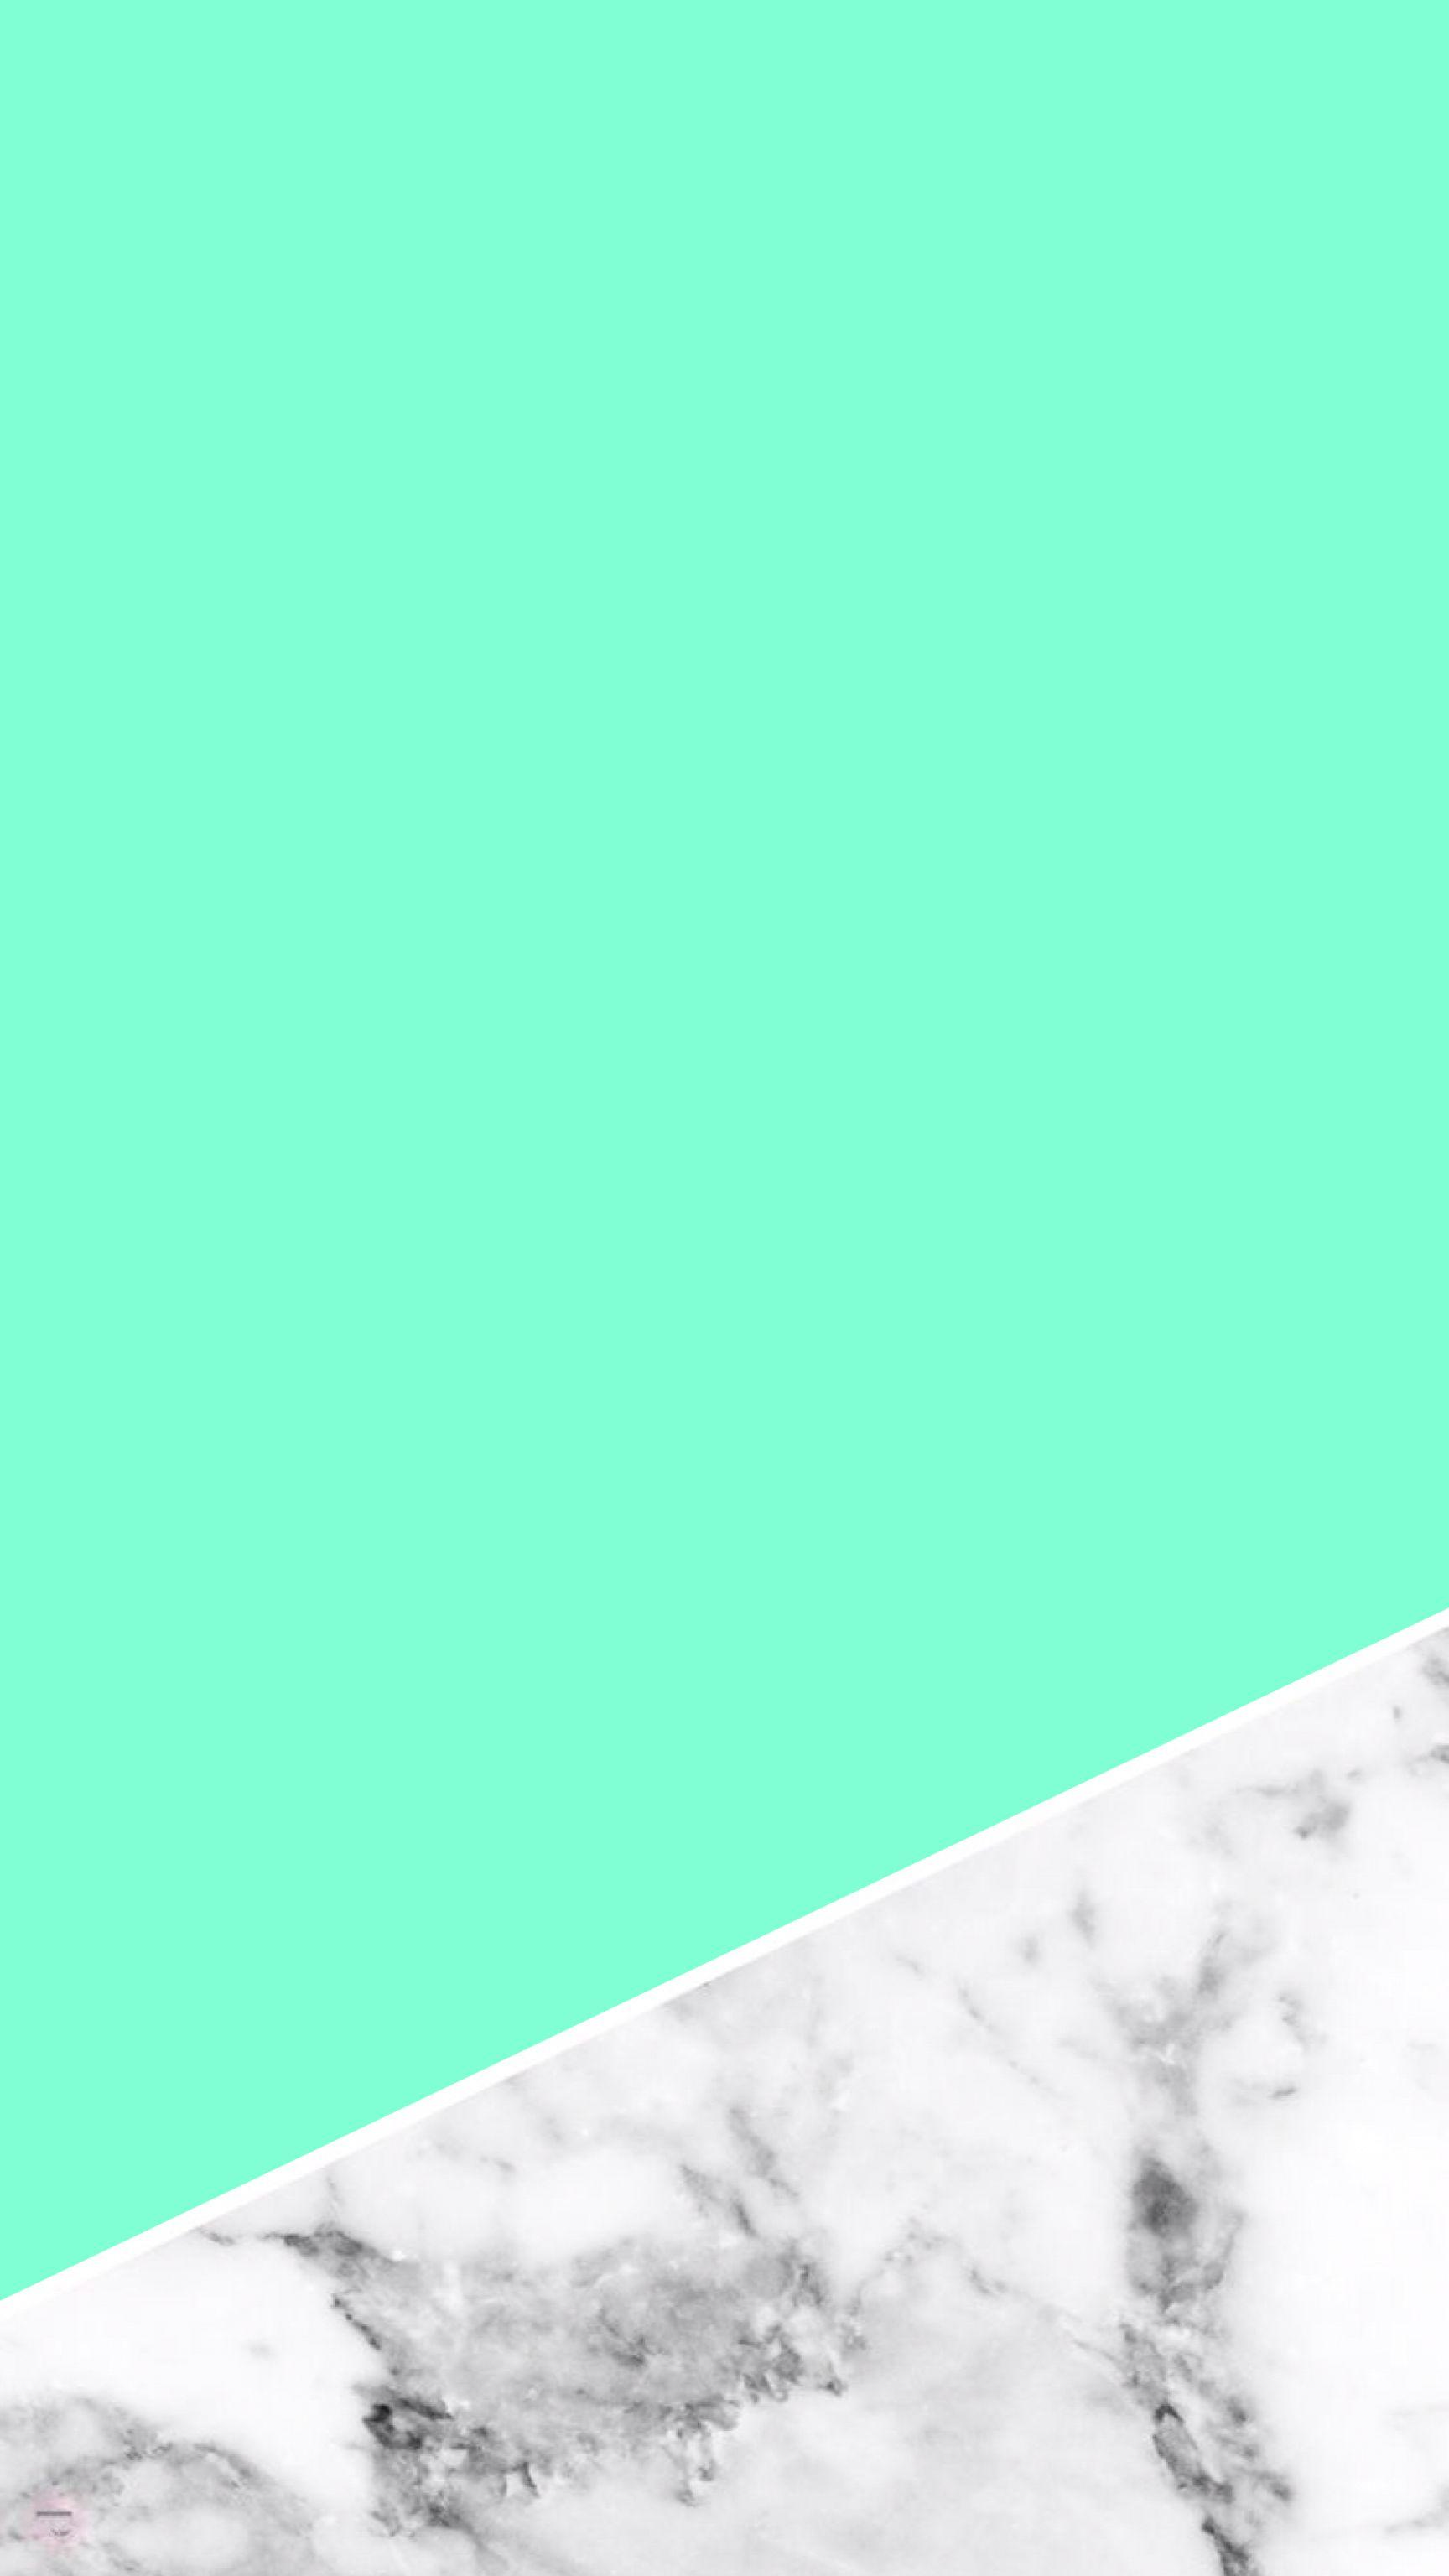 Download Wallpaper Marble Aqua - d3e74bb7cd53ed940002b3920637b6fe  Image_239642.jpg